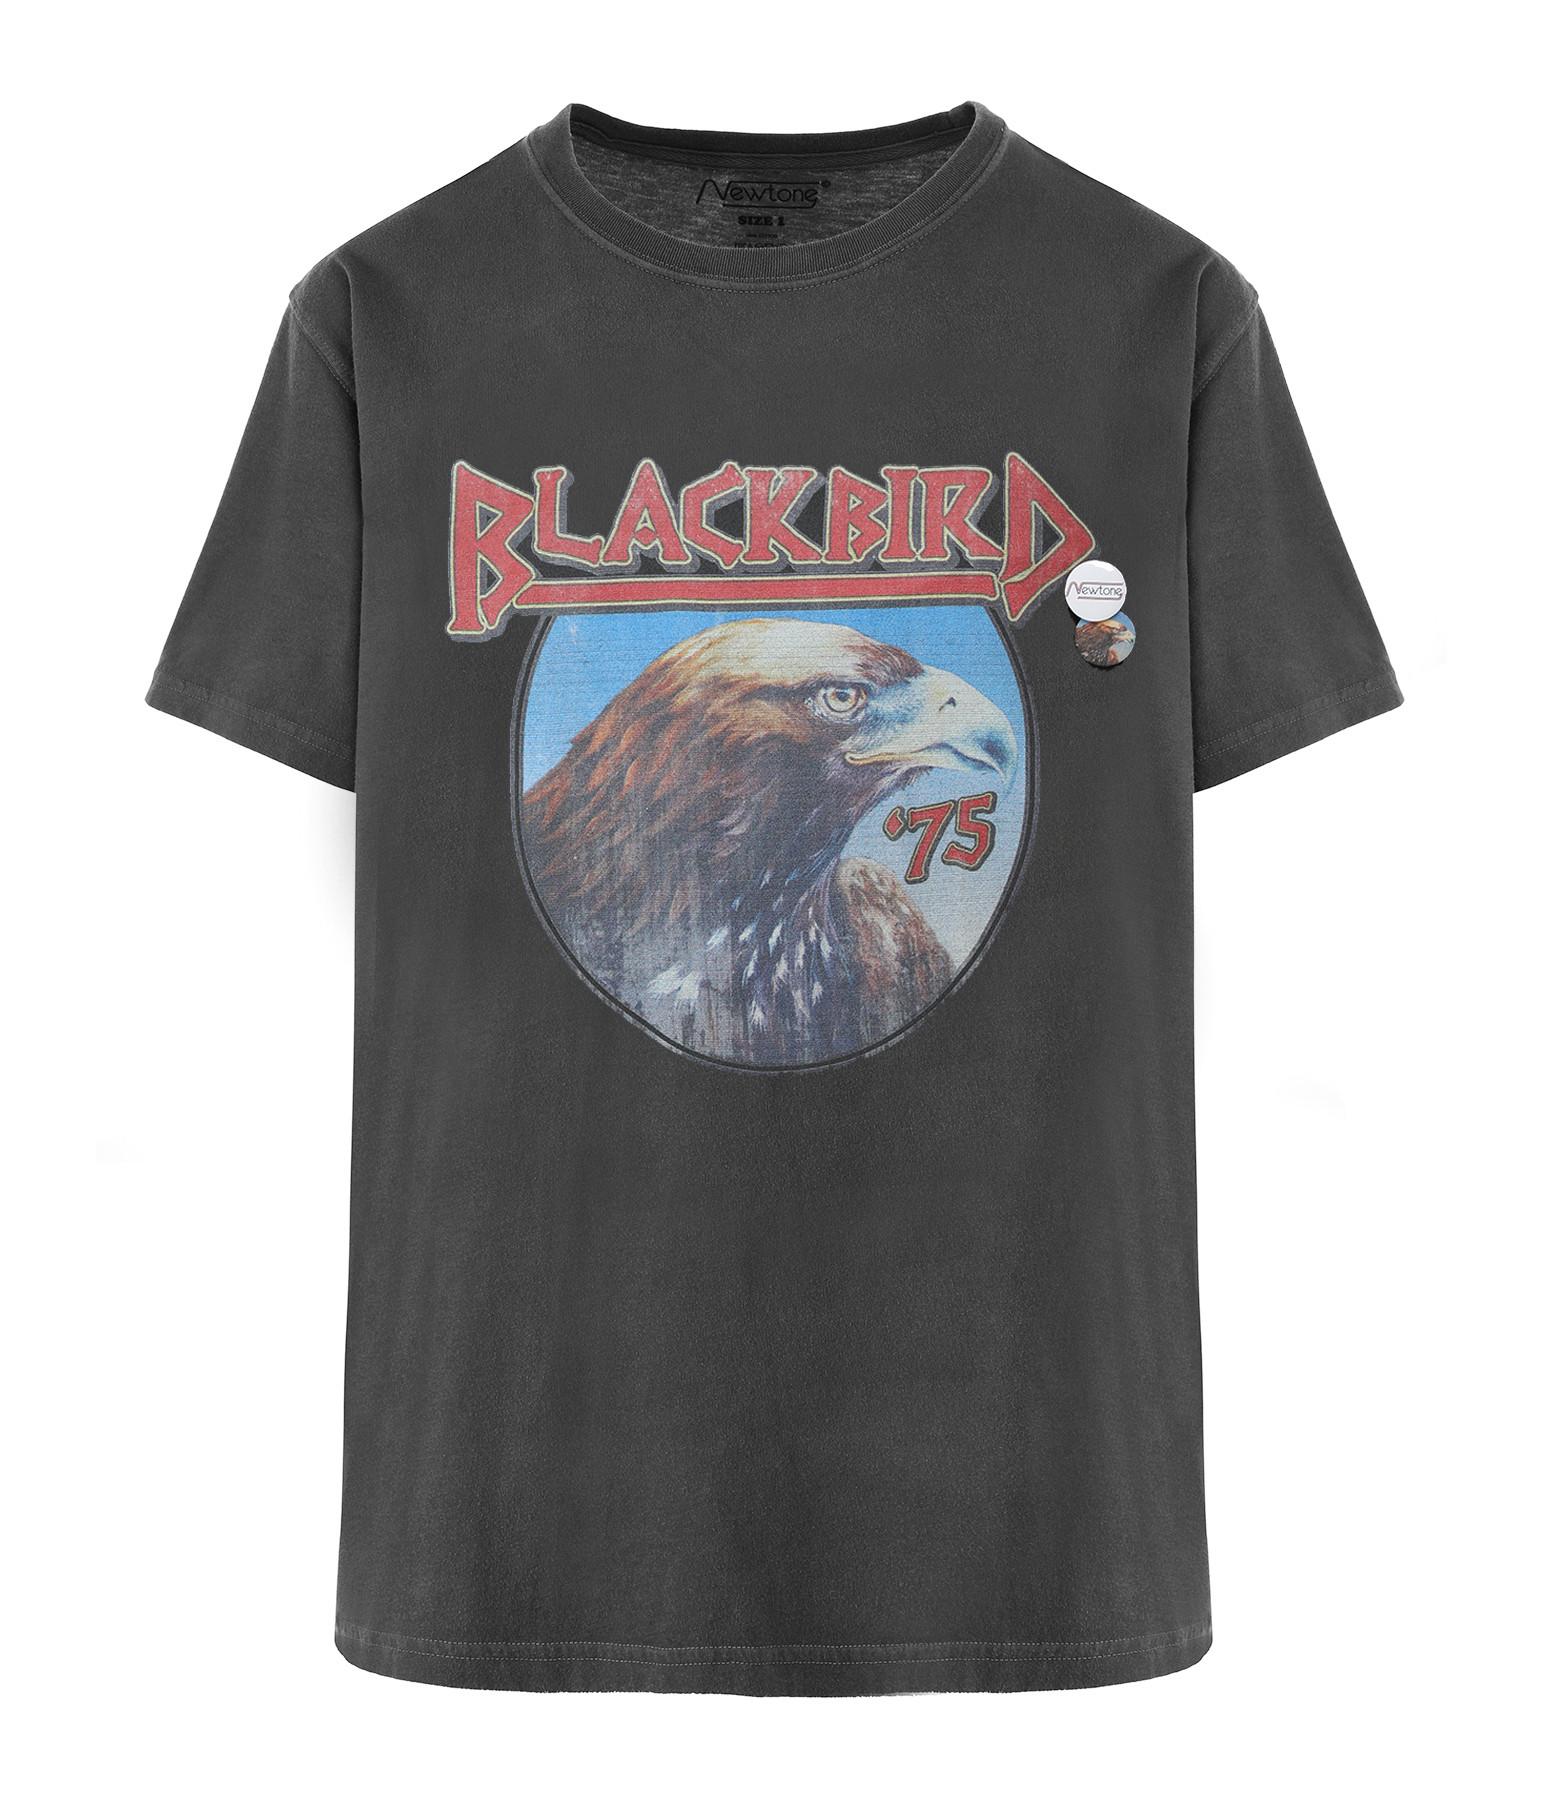 NEWTONE - Tee-shirt Blackbird Coton Pepper